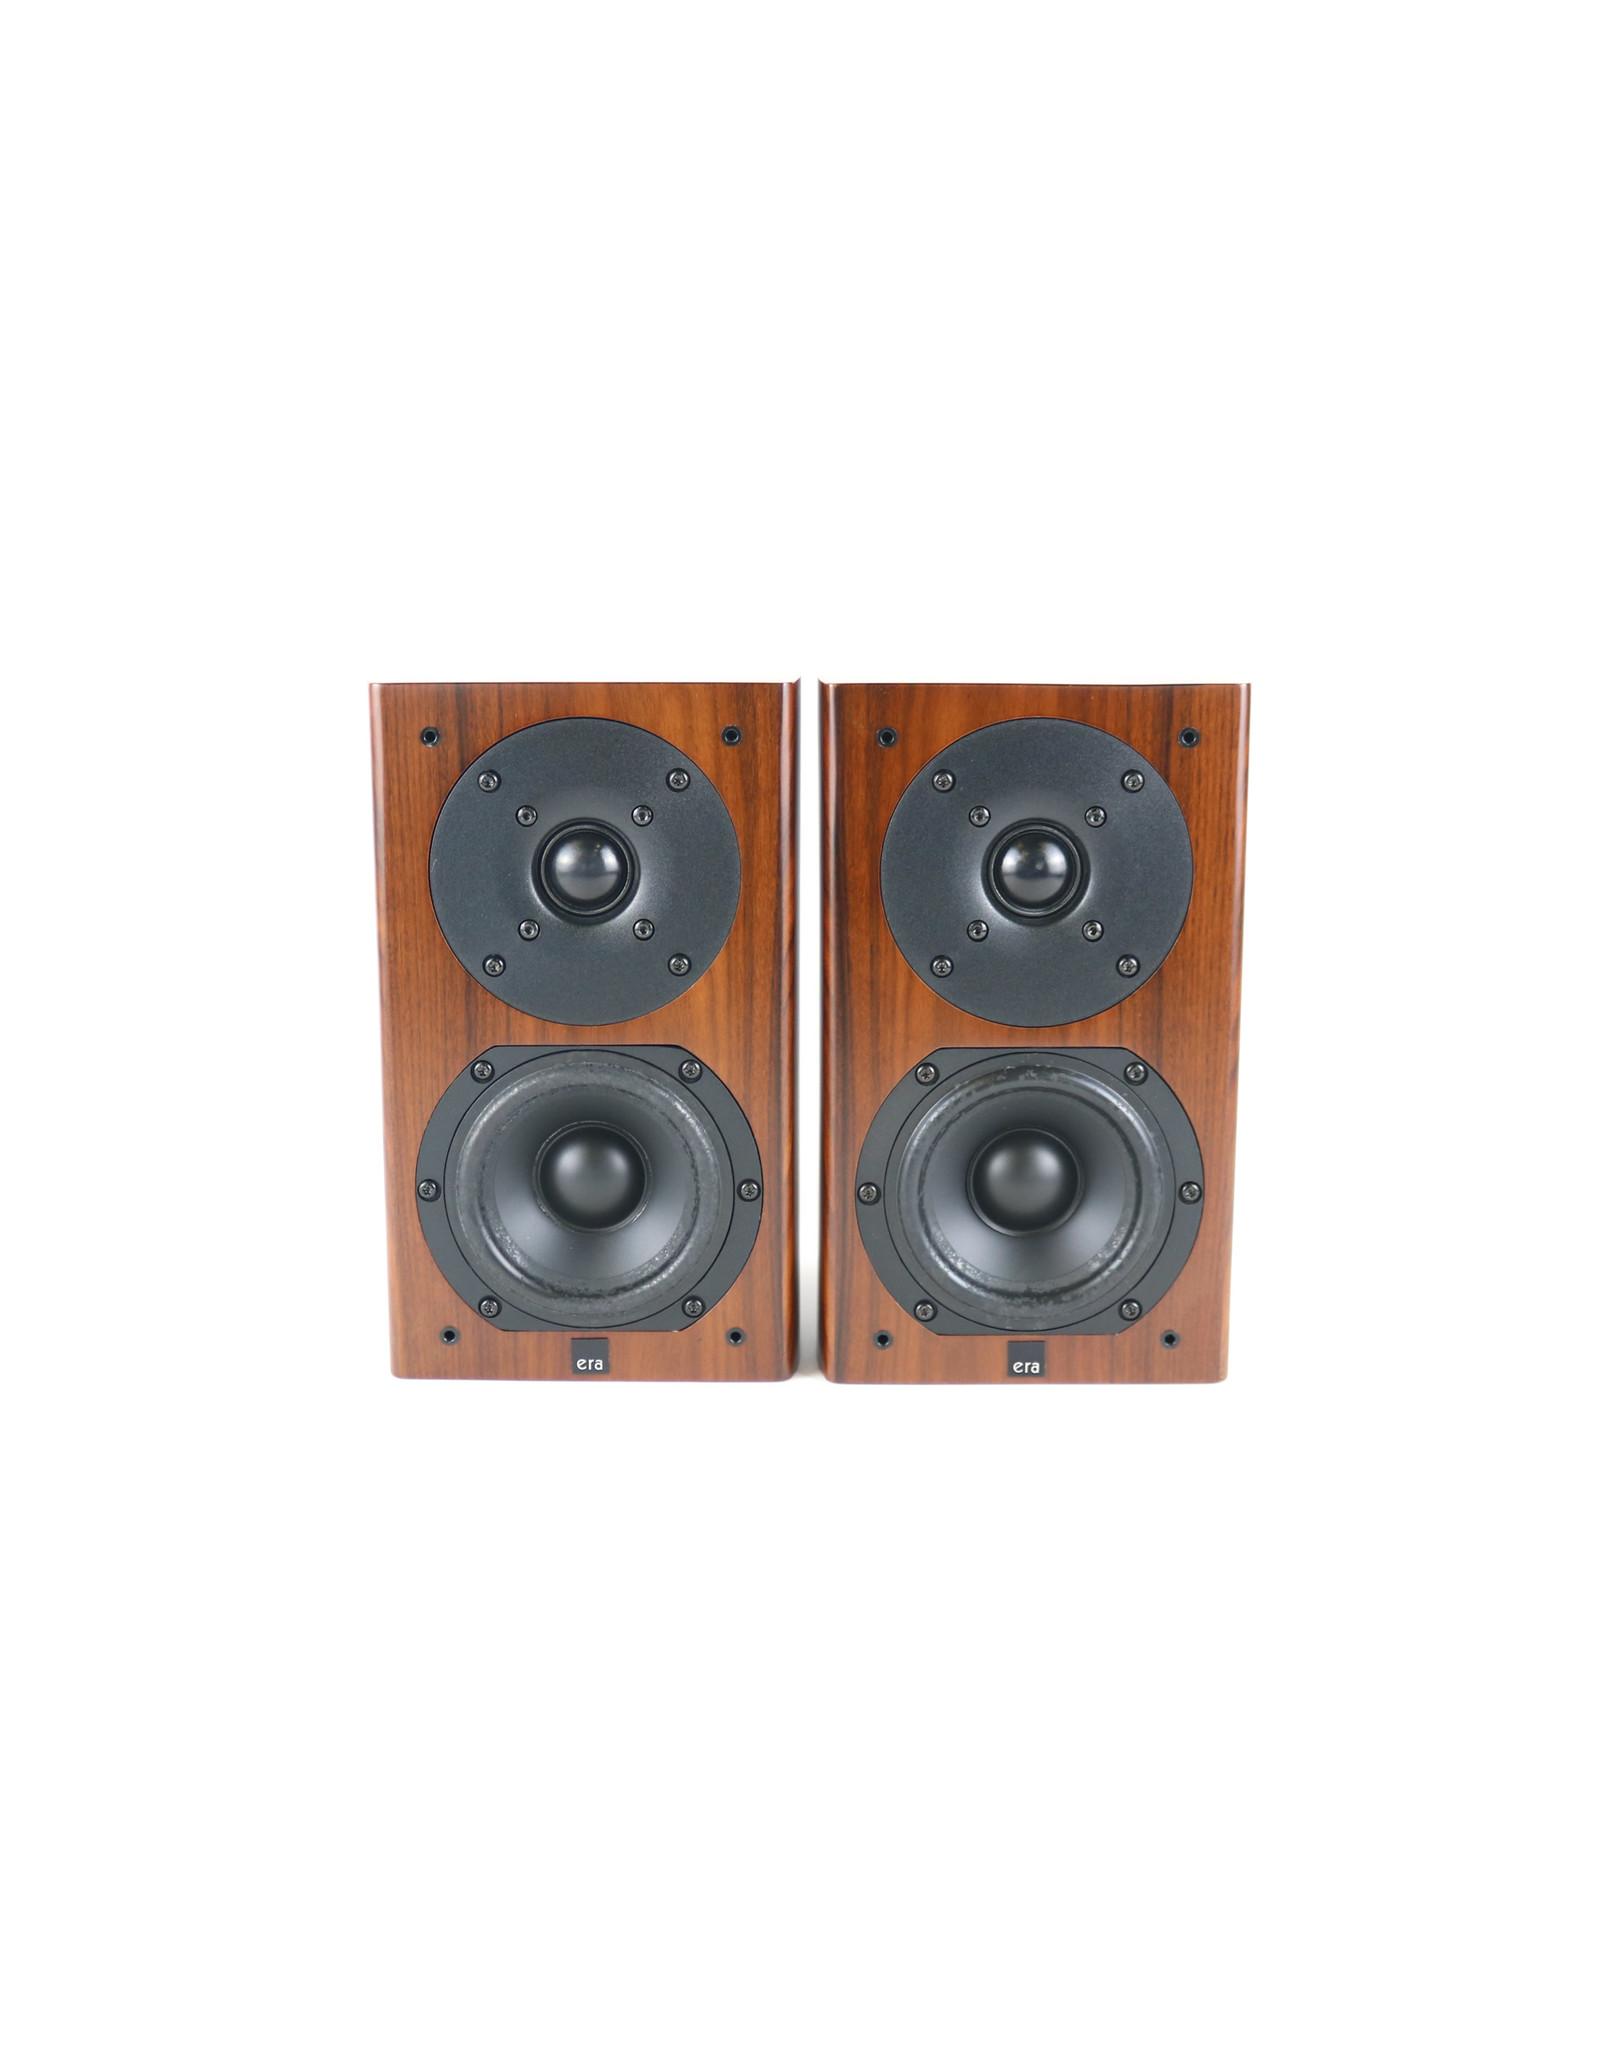 Era Acoustics Era Acoustics Design 4 Bookshelf Speakers USED